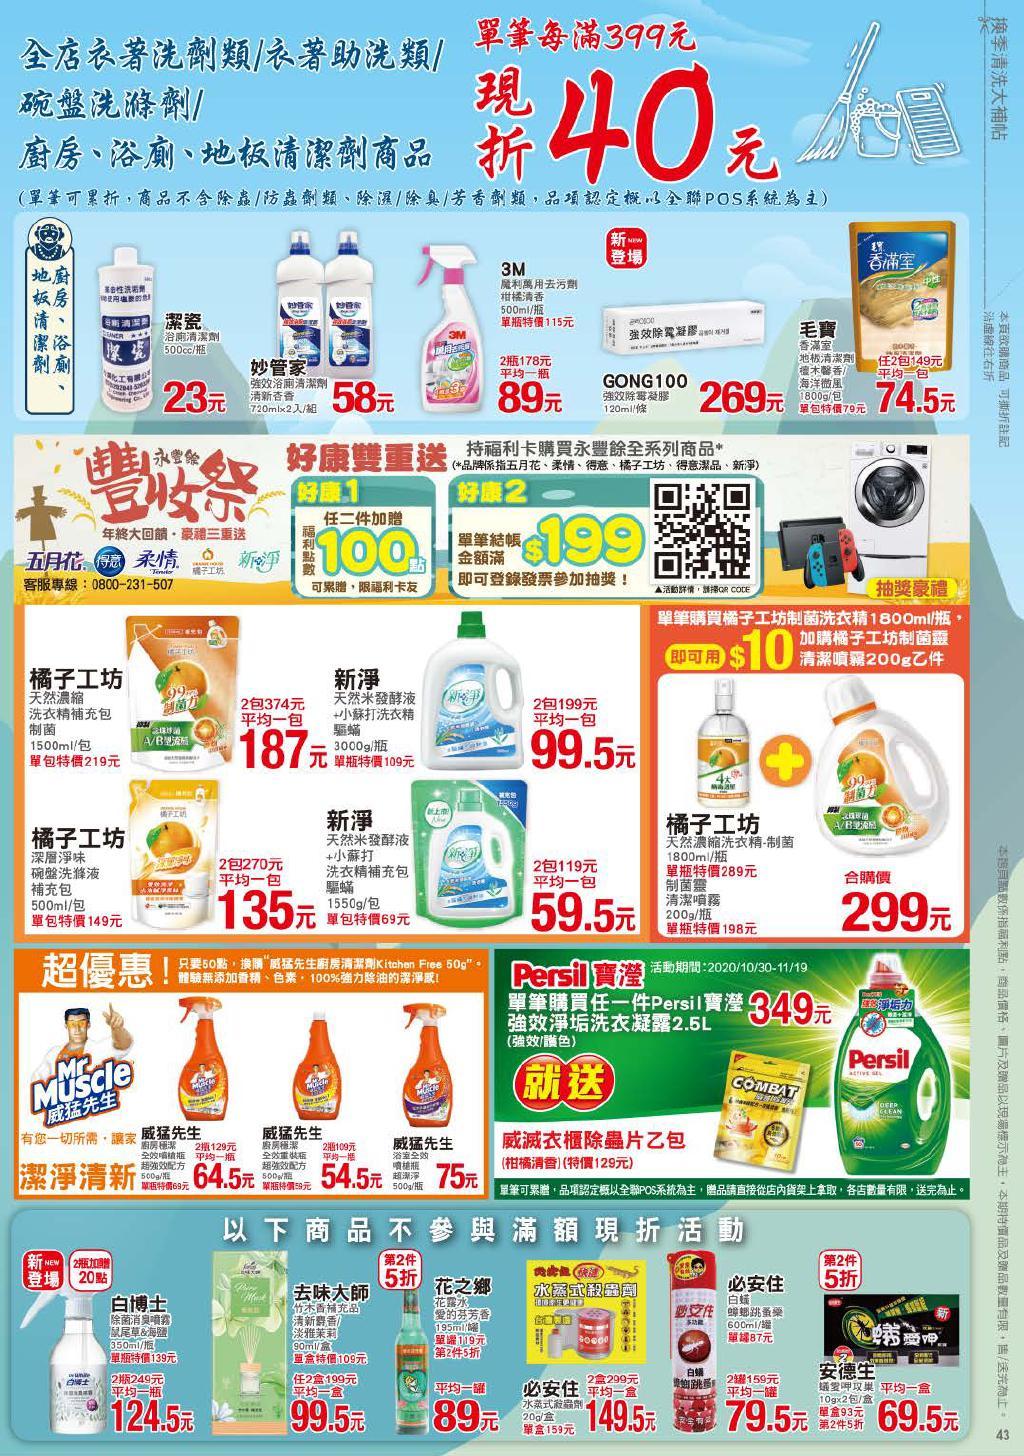 pxmart20201119_000043.jpg